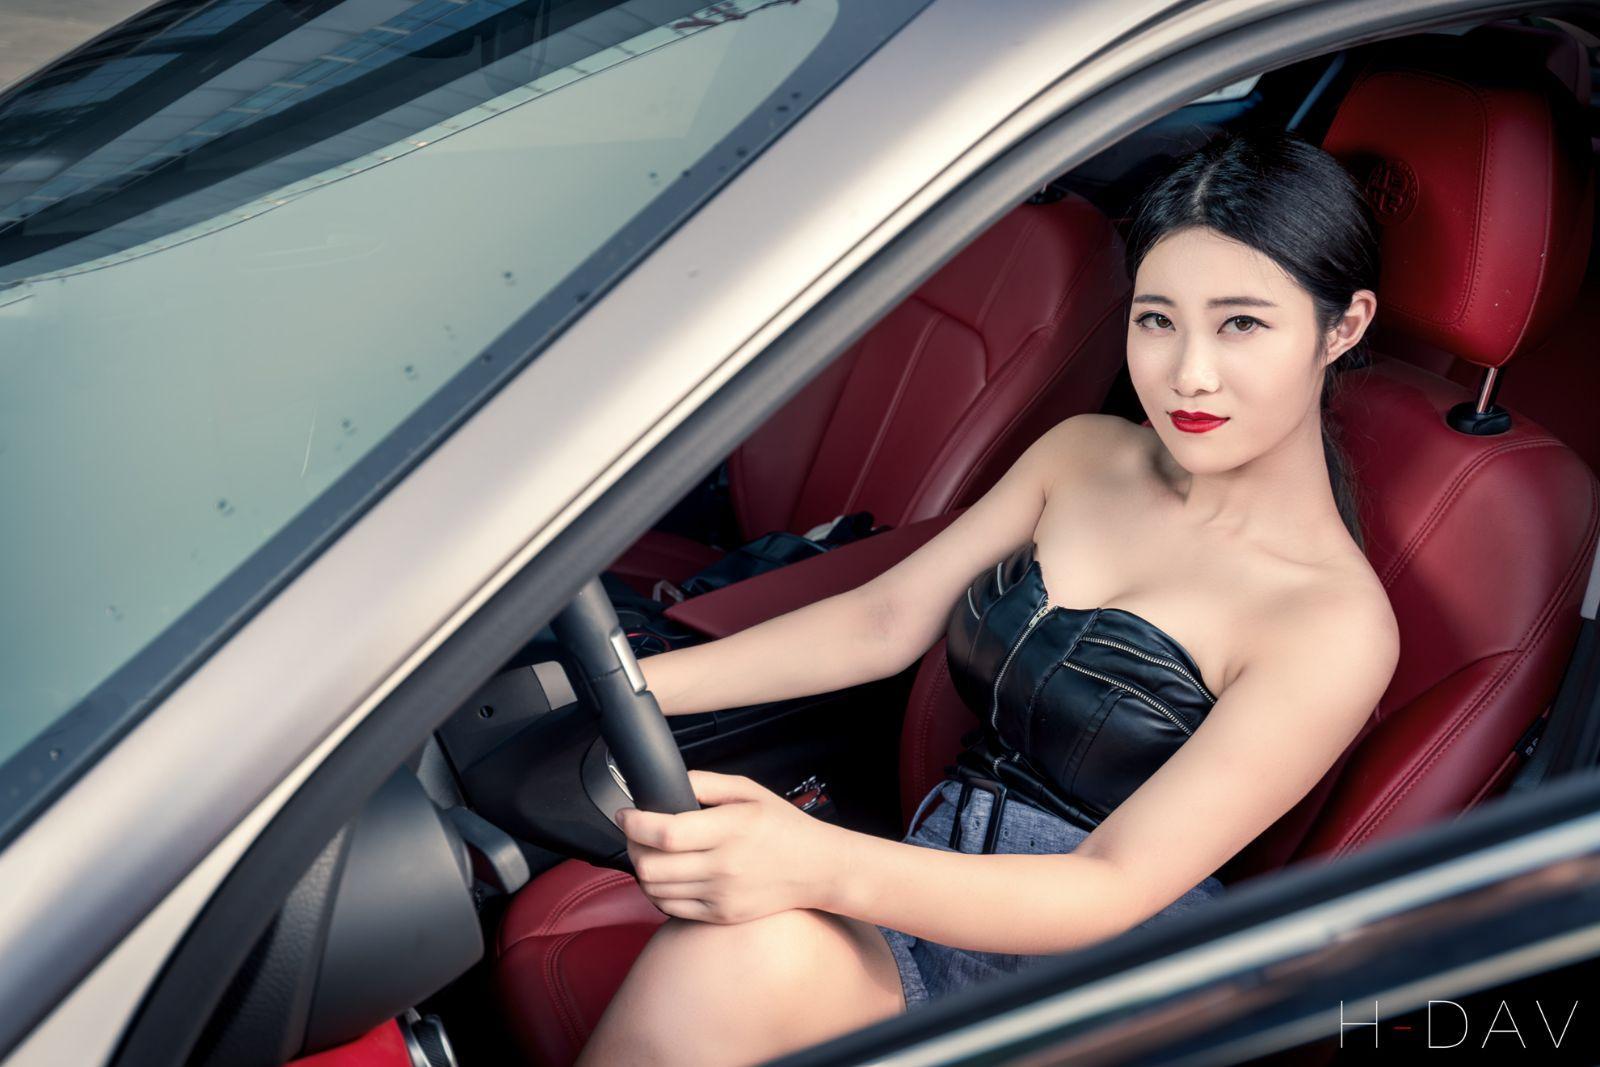 性感美女老板提车阿尔法罗密欧Giulia周年纪念,汽车导购,汽车资讯网,汽车焦点网,汽车,汽车导购